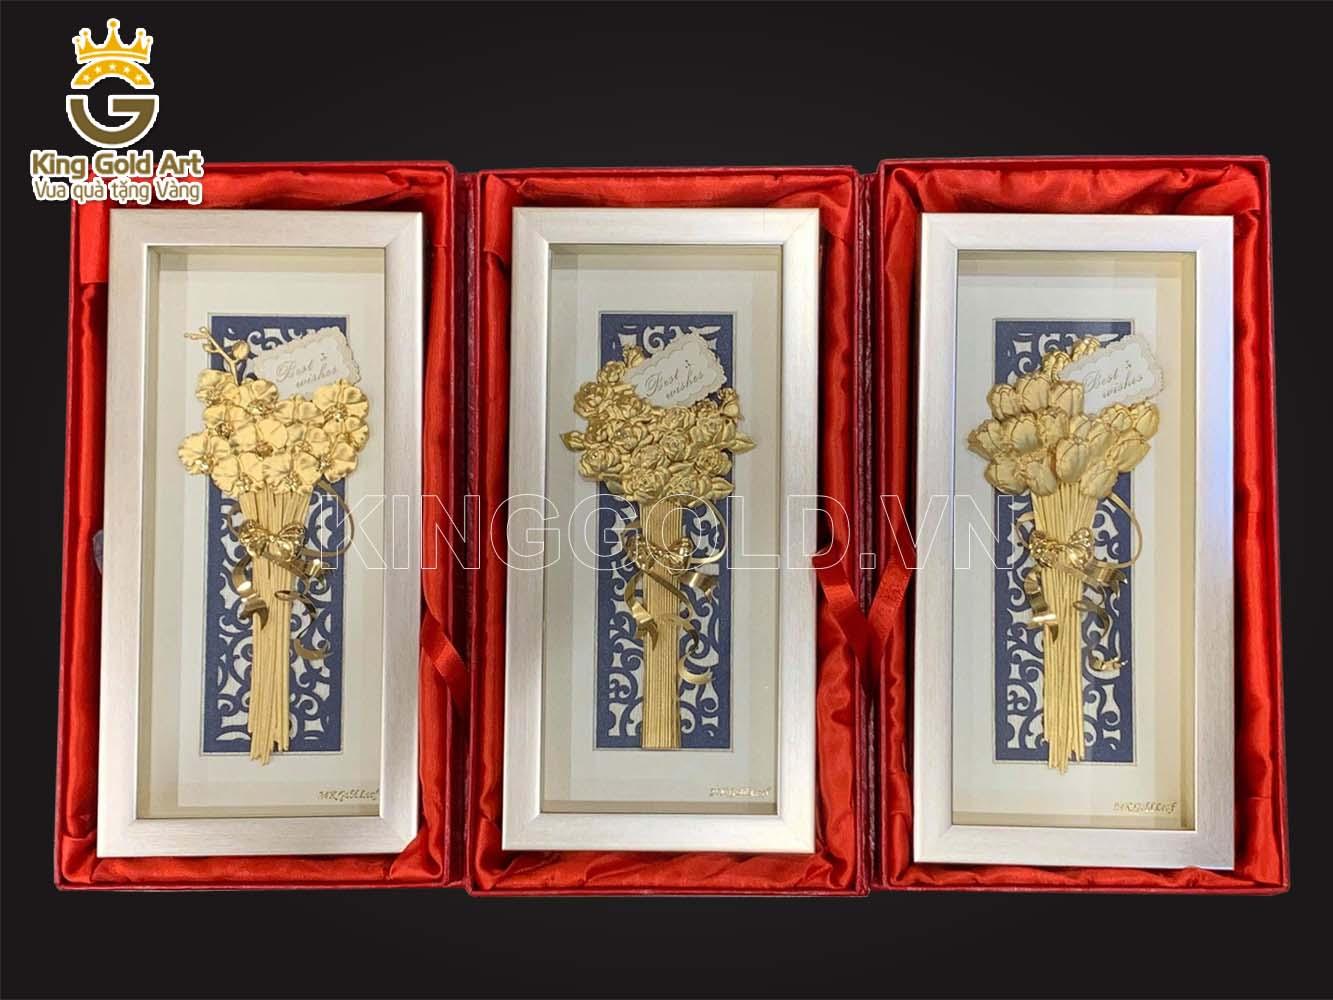 Quà tặng 20-10, 8-3. 14-2 - Tranh hoa hồng vàng lá 999,9